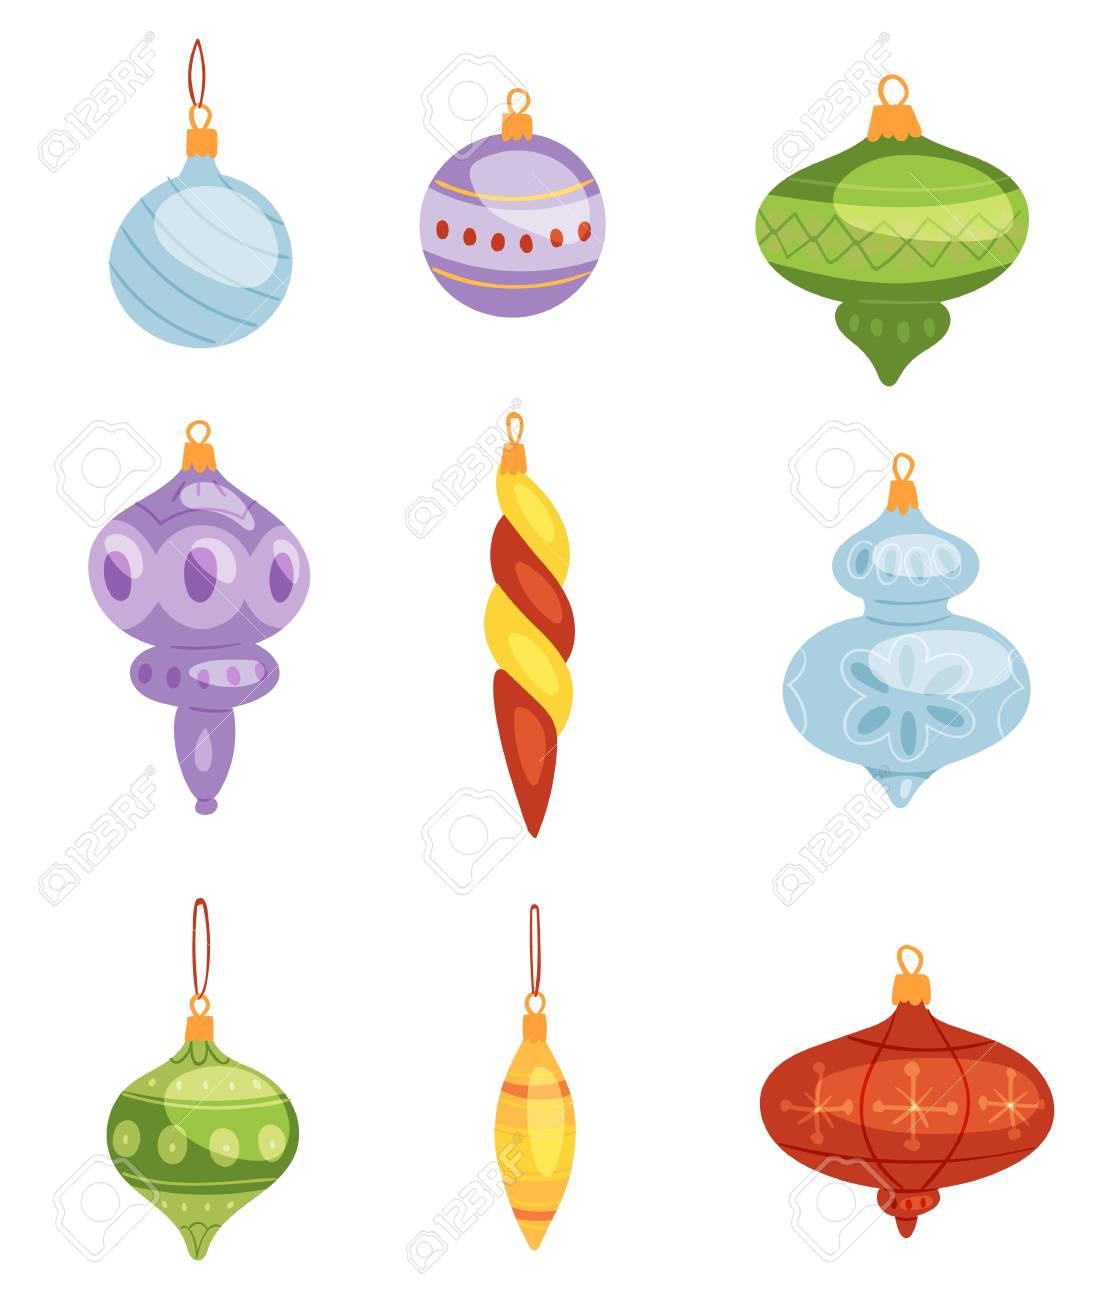 Los Juguetes Del rbol De Navidad Vector Decoraciones Bolas Crculo